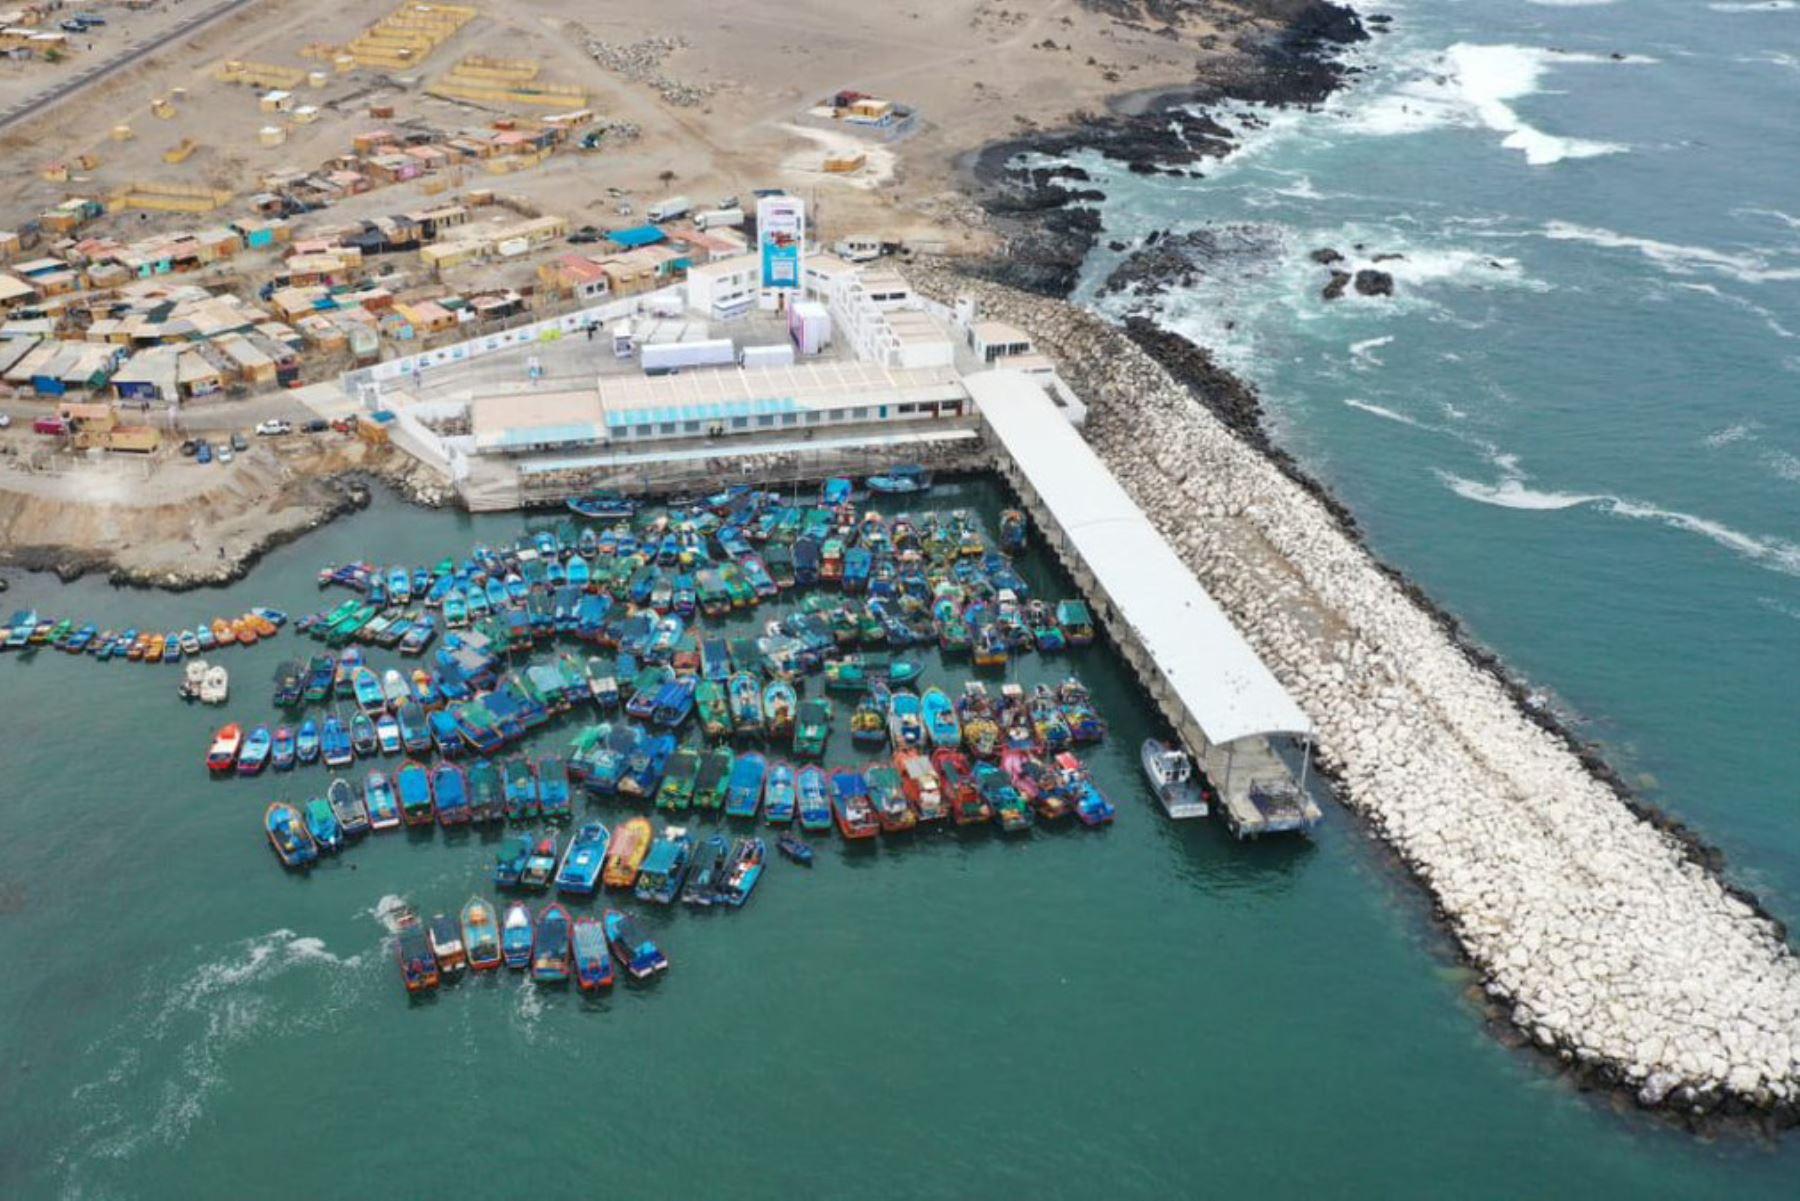 El nuevo Desembarcadero Pesquero Artesanal Morro Sama beneficiará a más de 1,650 pescadores artesanales y sus familias del sur de Tacna y Moquegua.